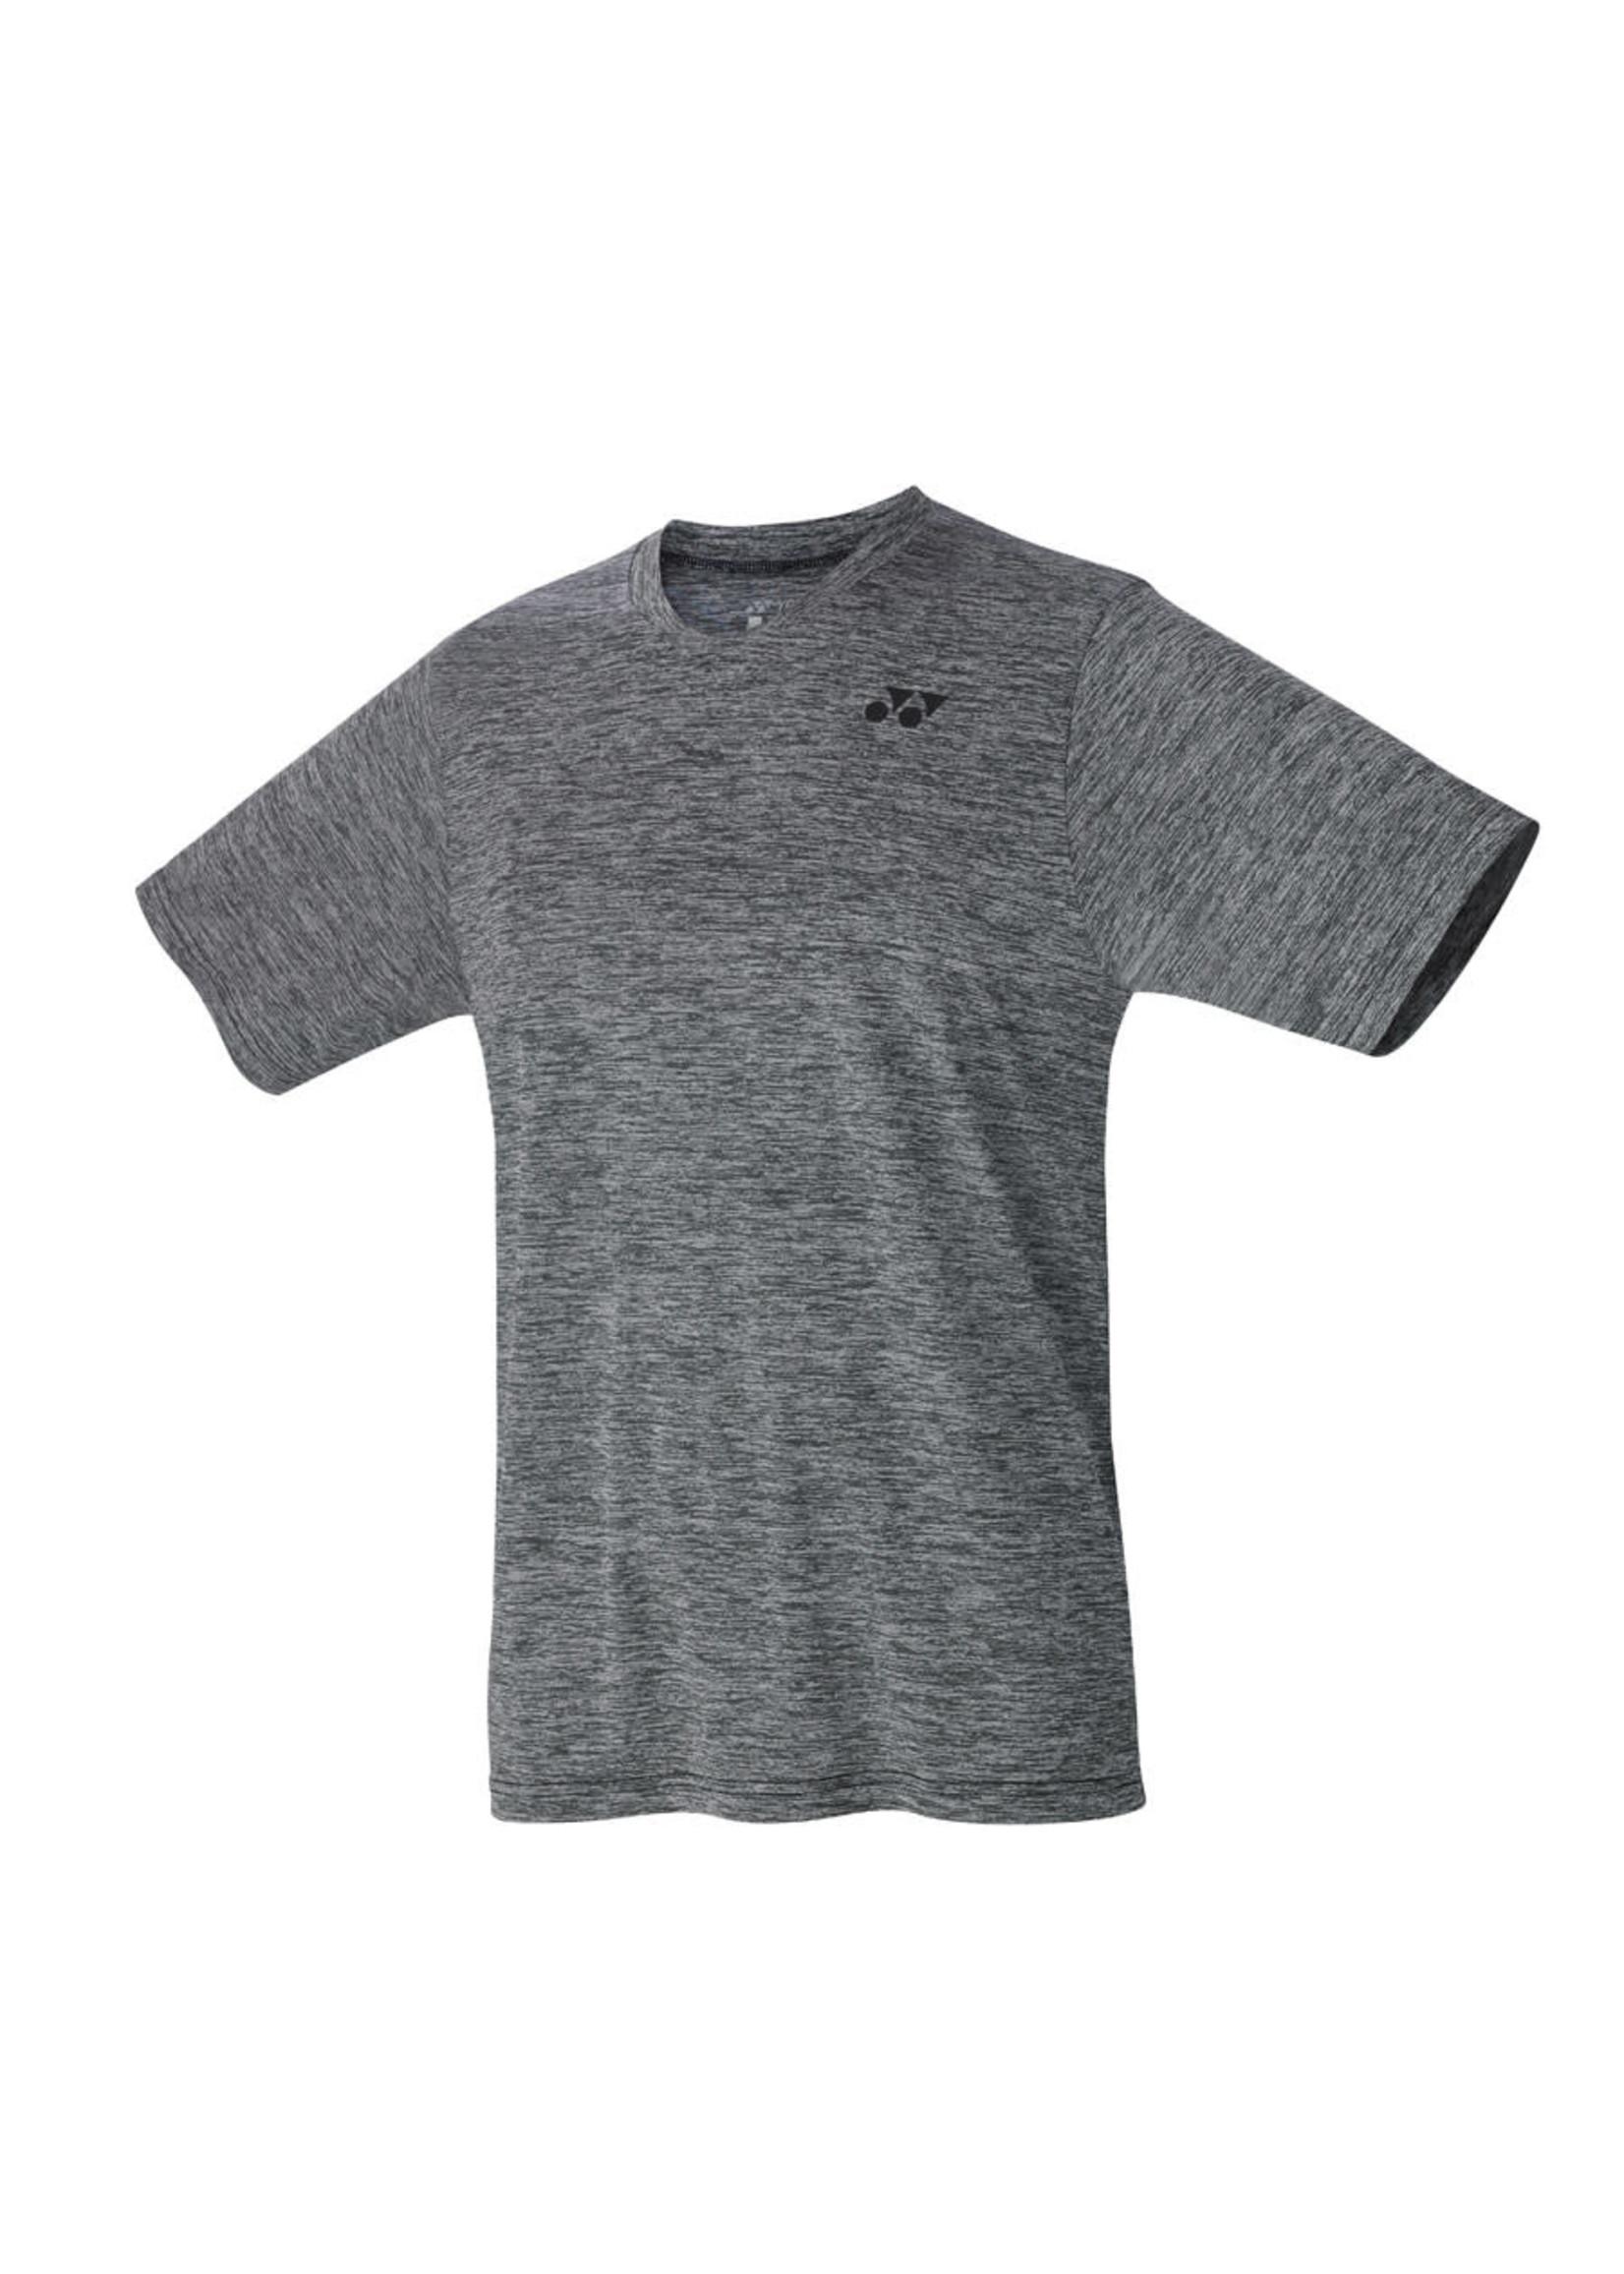 Yonex Yonex YTM2 Mens T-Shirt (2019) Grey M